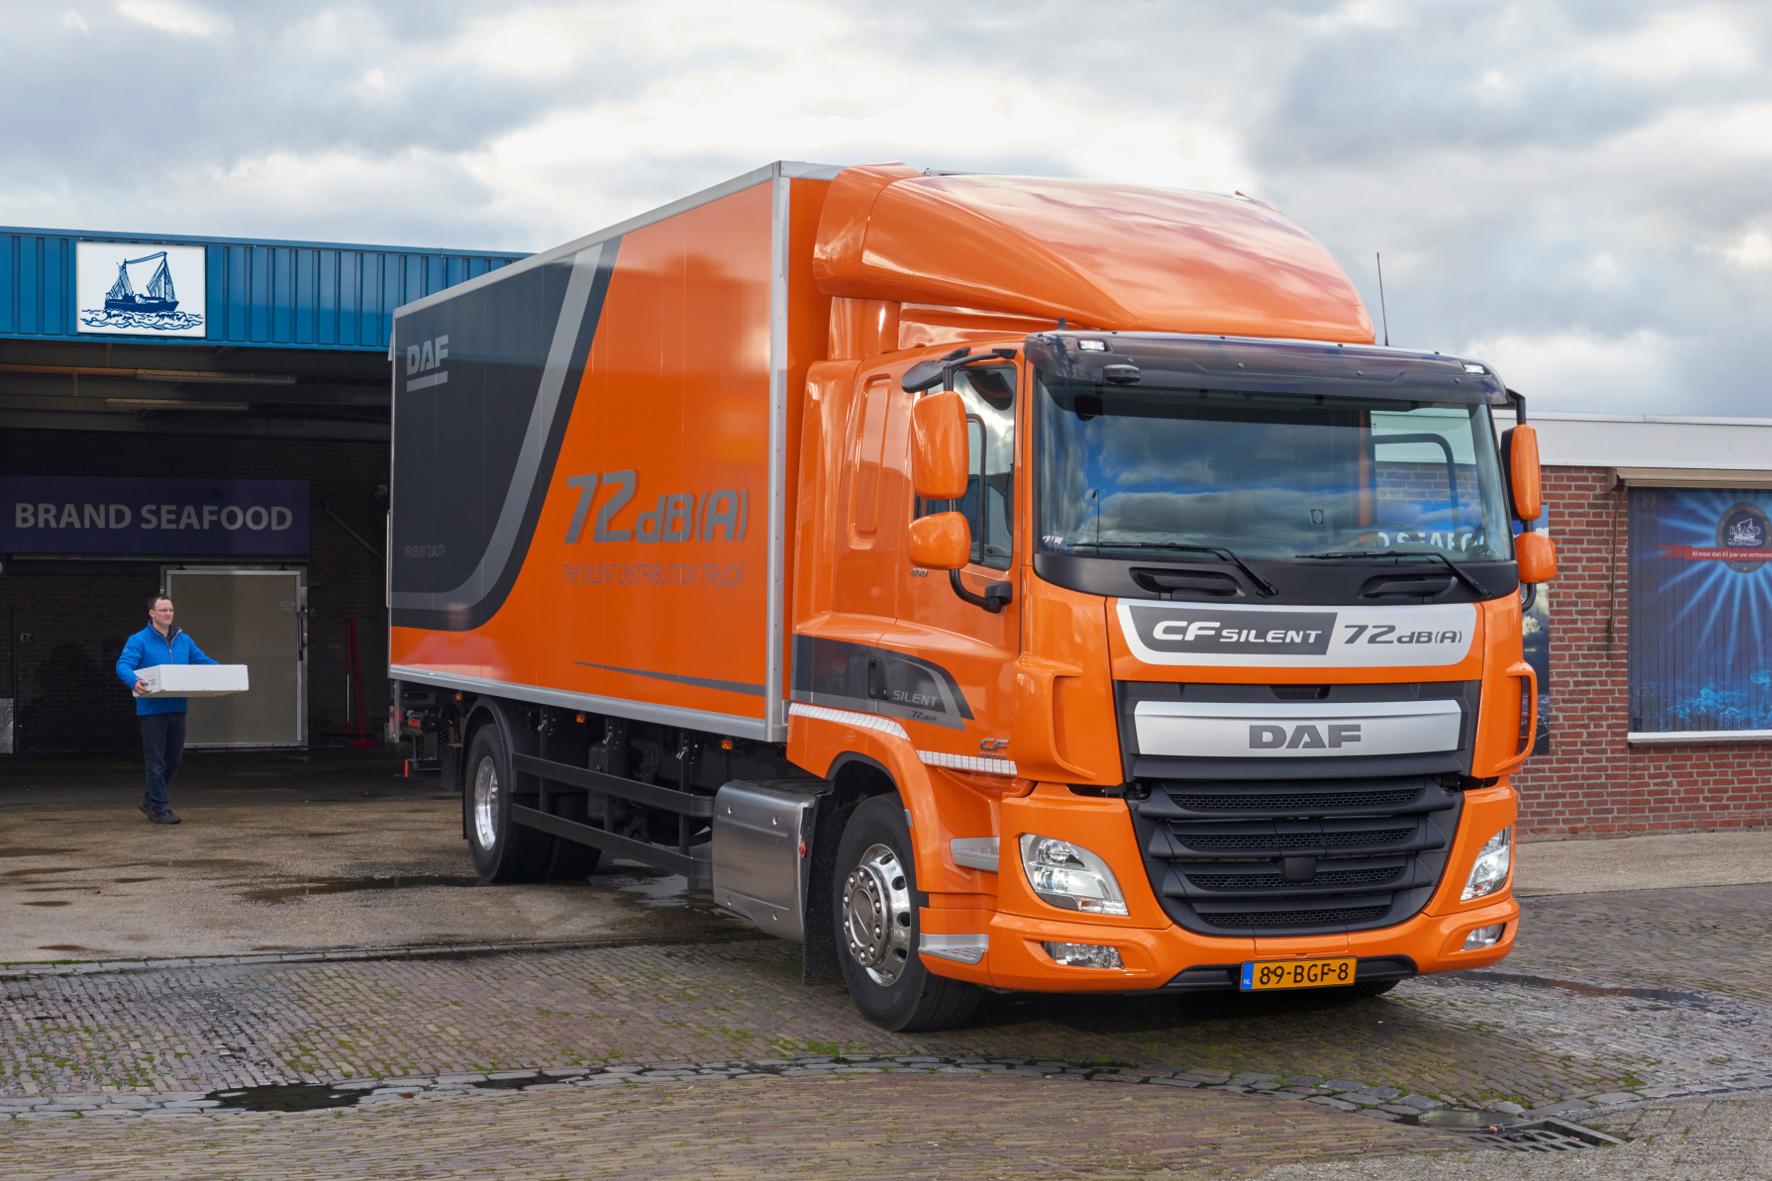 Niederländische Truck-Spezialitäten leise und gut bestückt unterwegs